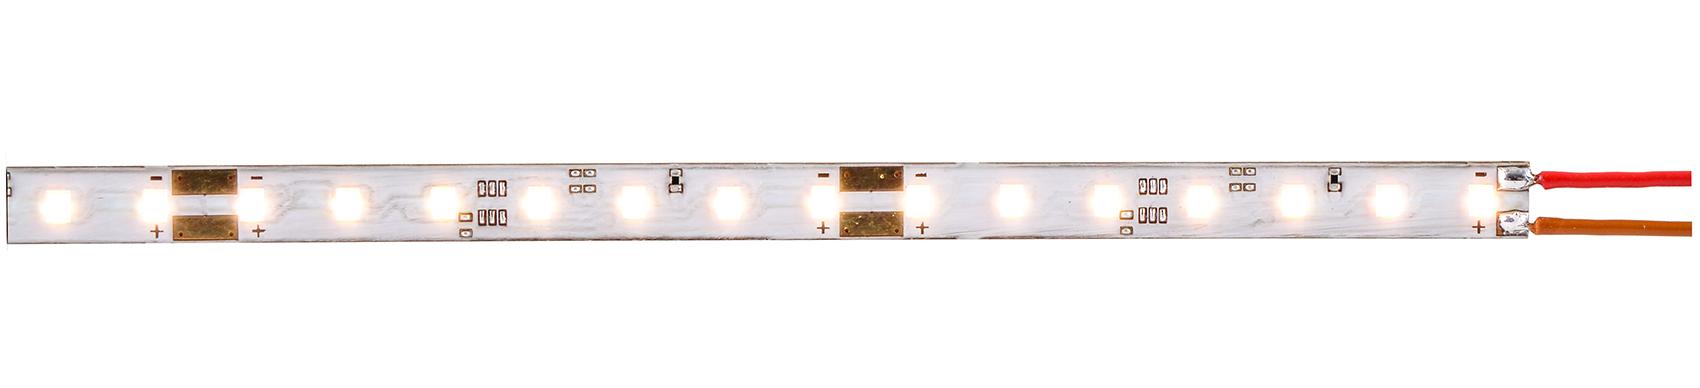 Viessmann 5088 <br/>LED-Leuchtstreifen 8 mm breitmit weißen LEDs 4000K